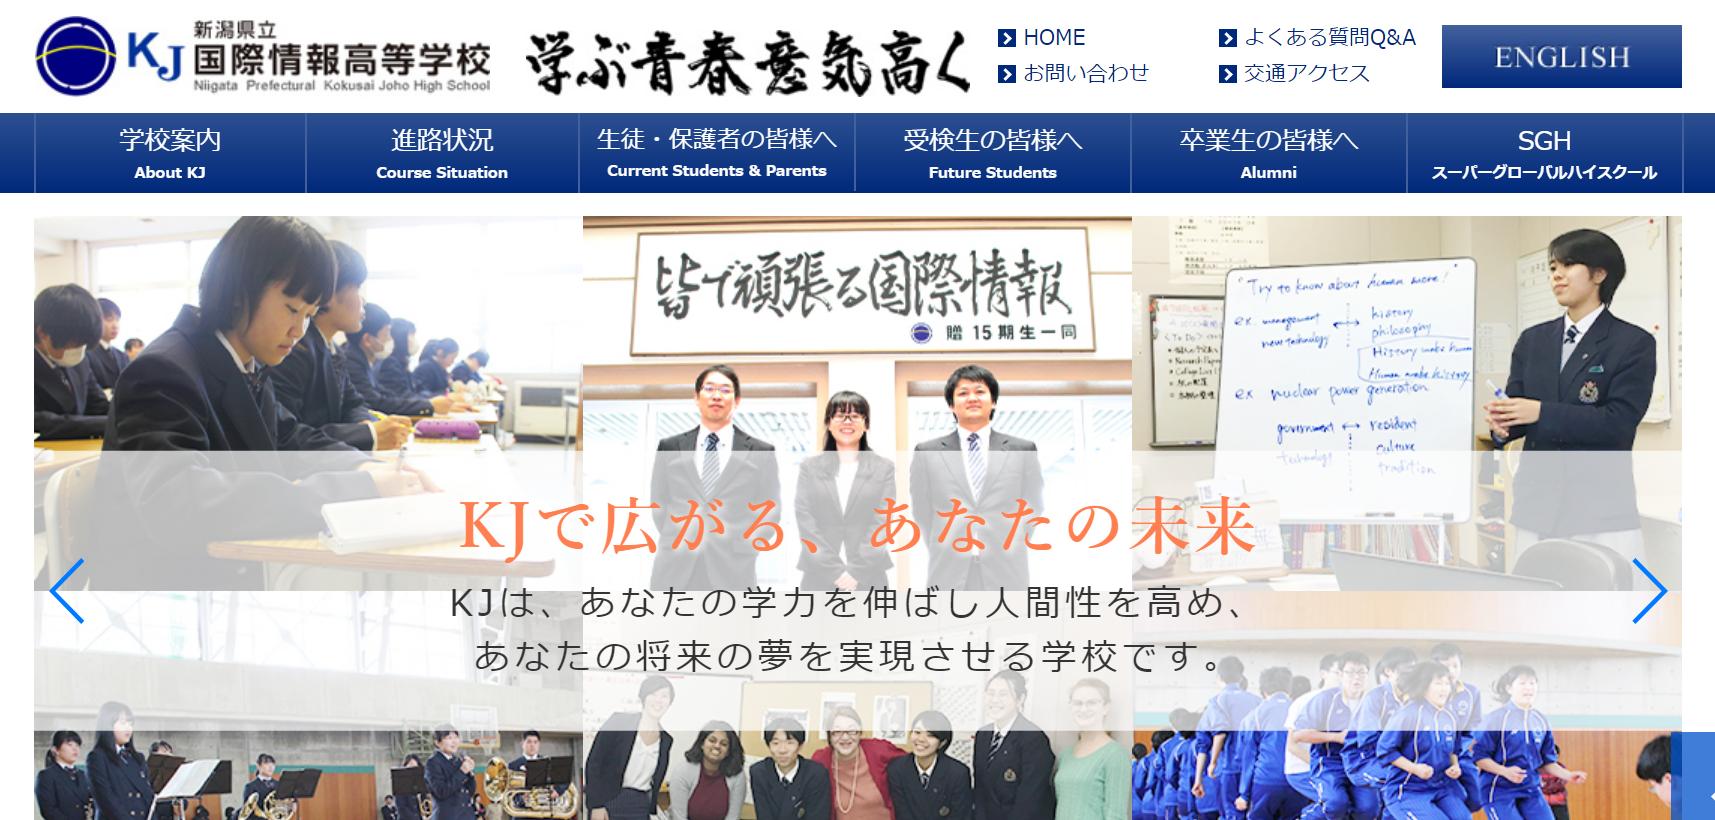 国際情報高校の口コミ・評判